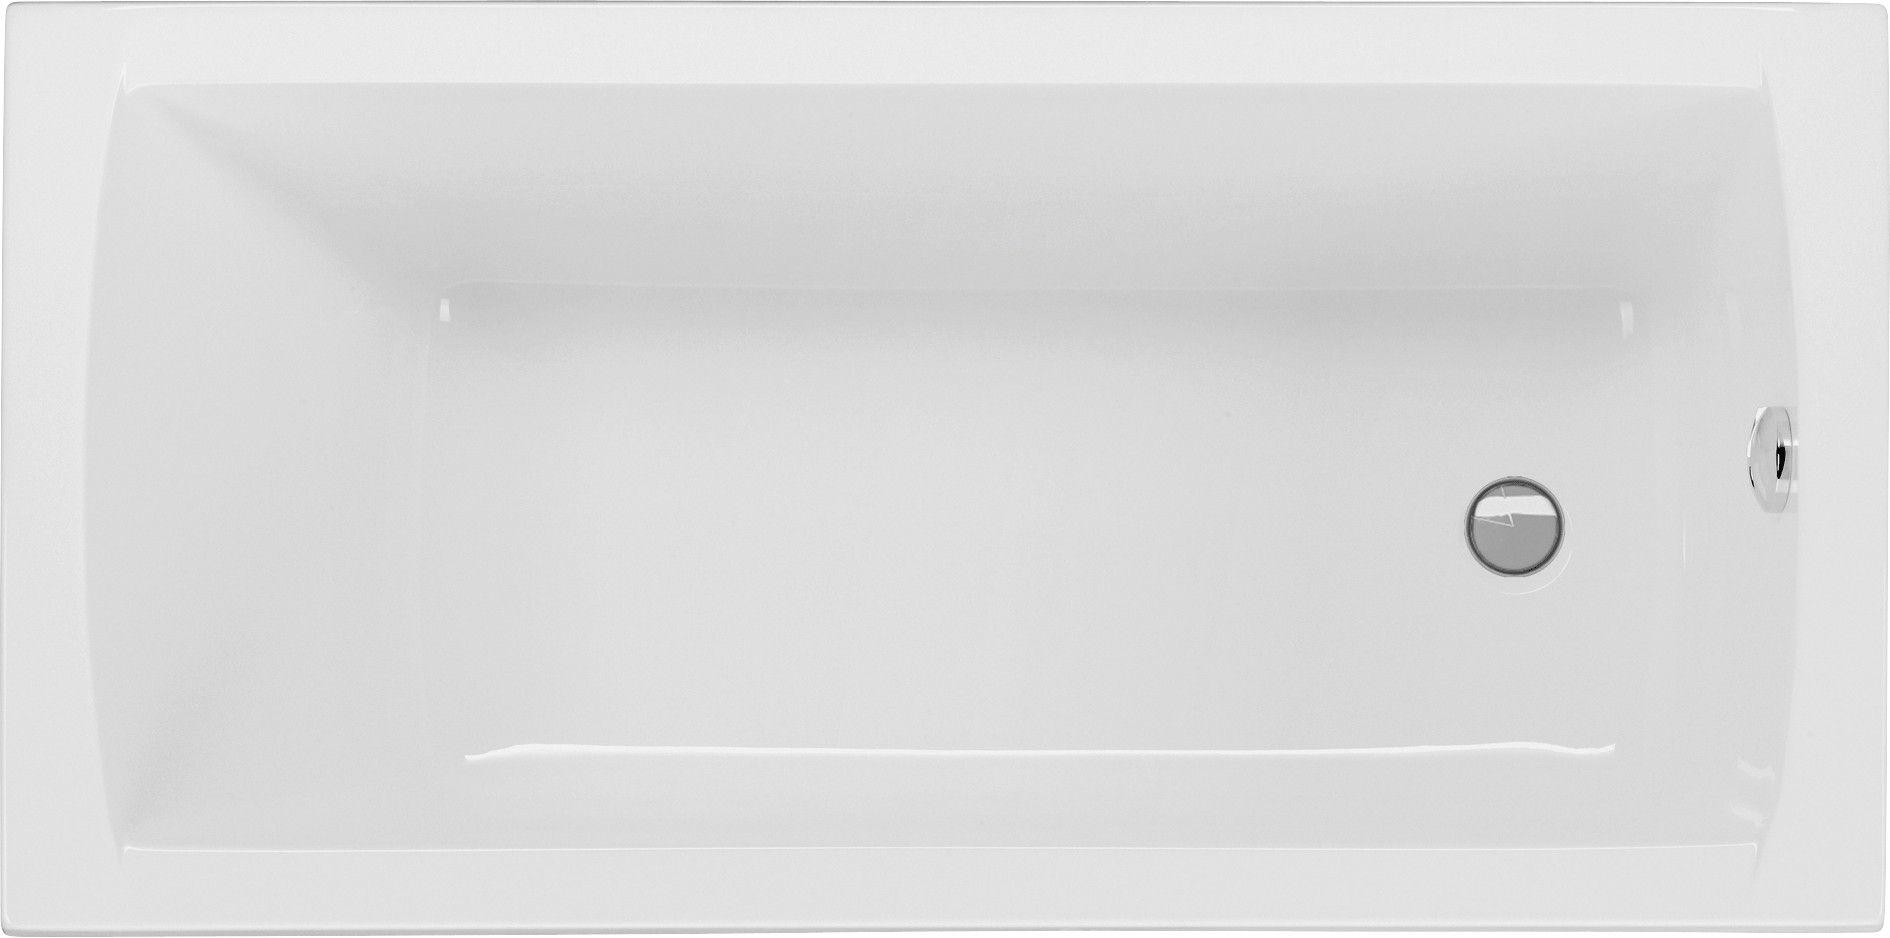 Rechteck Badewanne 140 X 70 X 42 Cm Bad Design Heizung Badewanne Kleine Badewanne Wanne